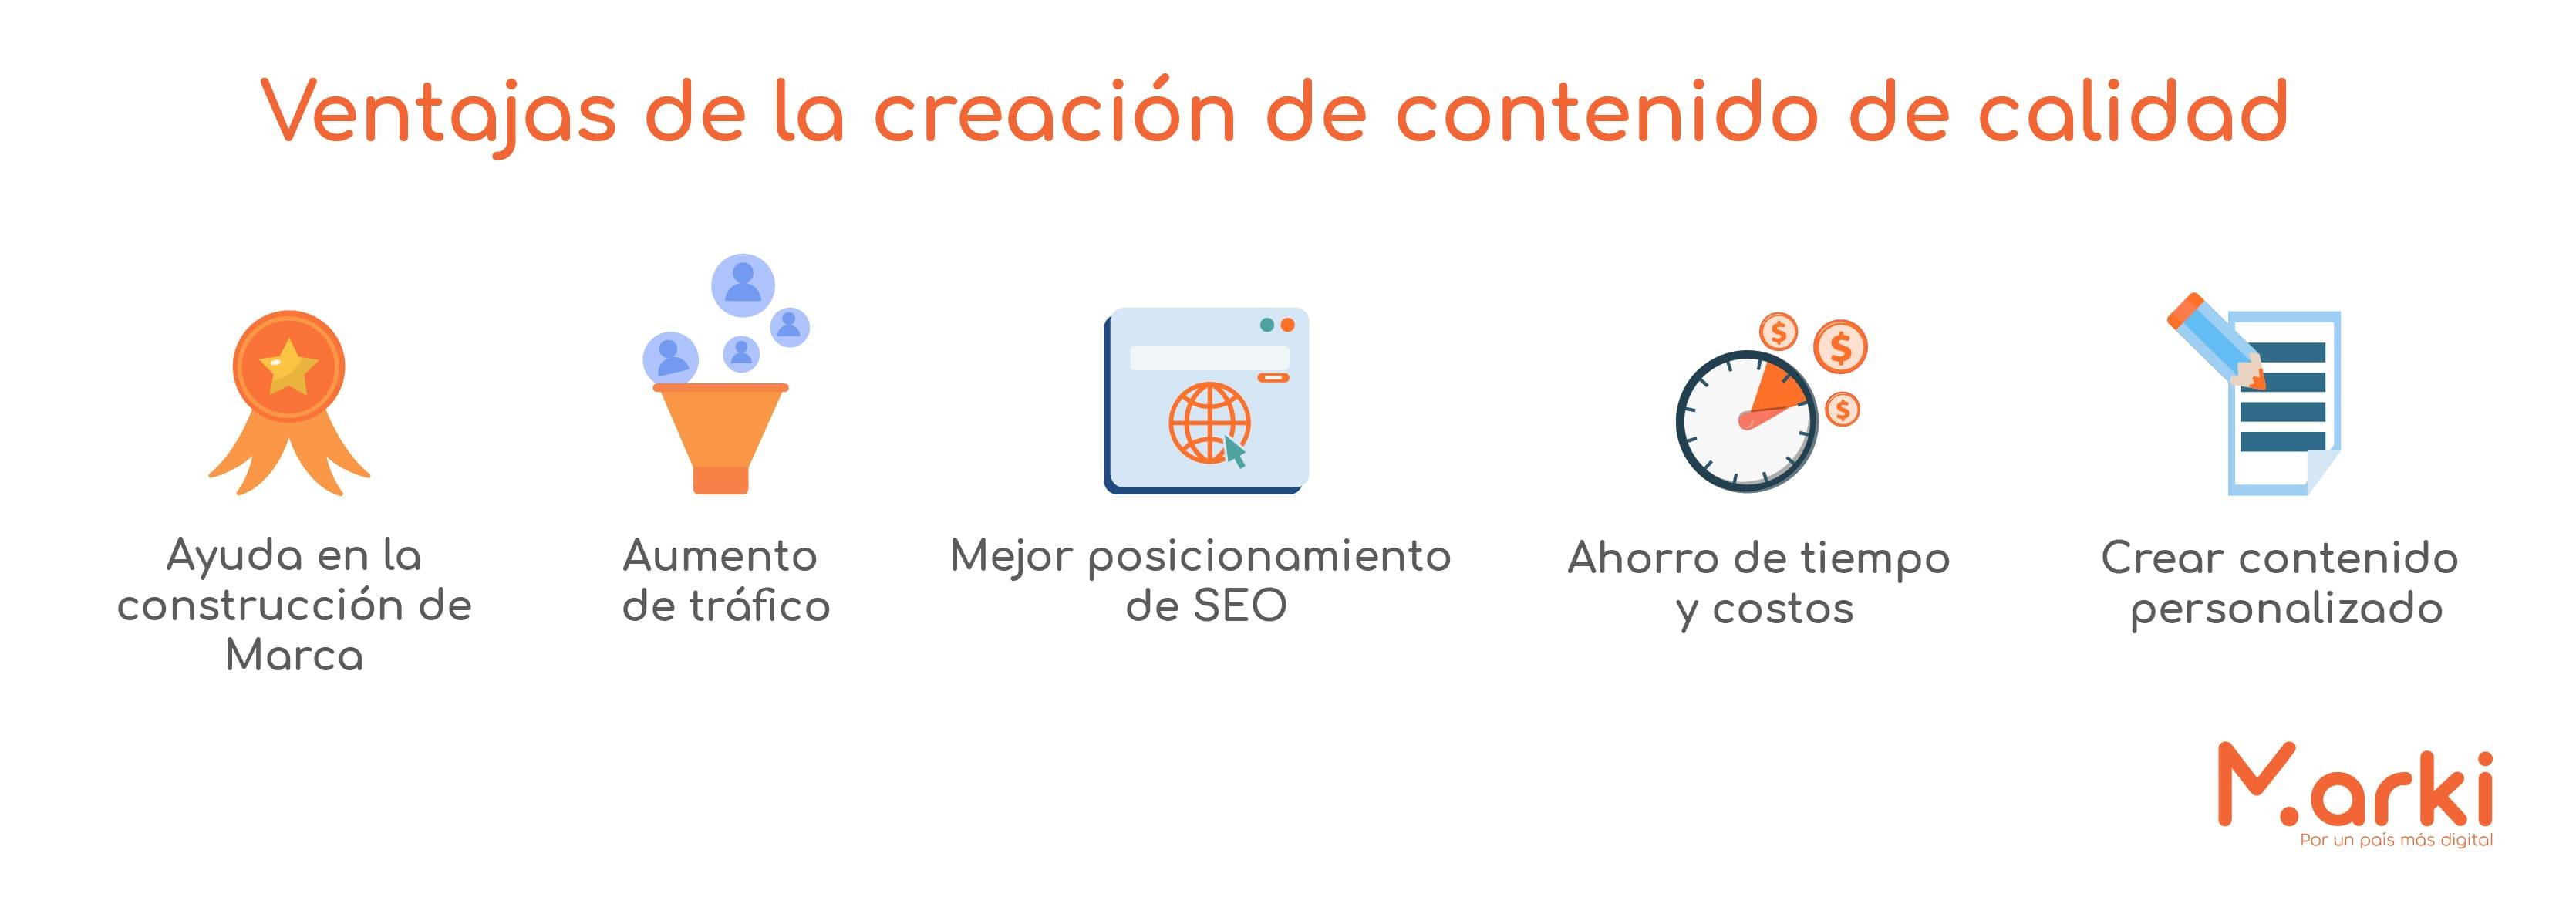 ventajas de creacion de contenido de calidad que es la creación de contenido como crear contenido para redes sociales como crear contenido de calidad para redes sociales como crear un calendario para redes sociales como crear un contenido voluntariado peru Voluntariado online capacitacion de marketing digital voluntariado marki